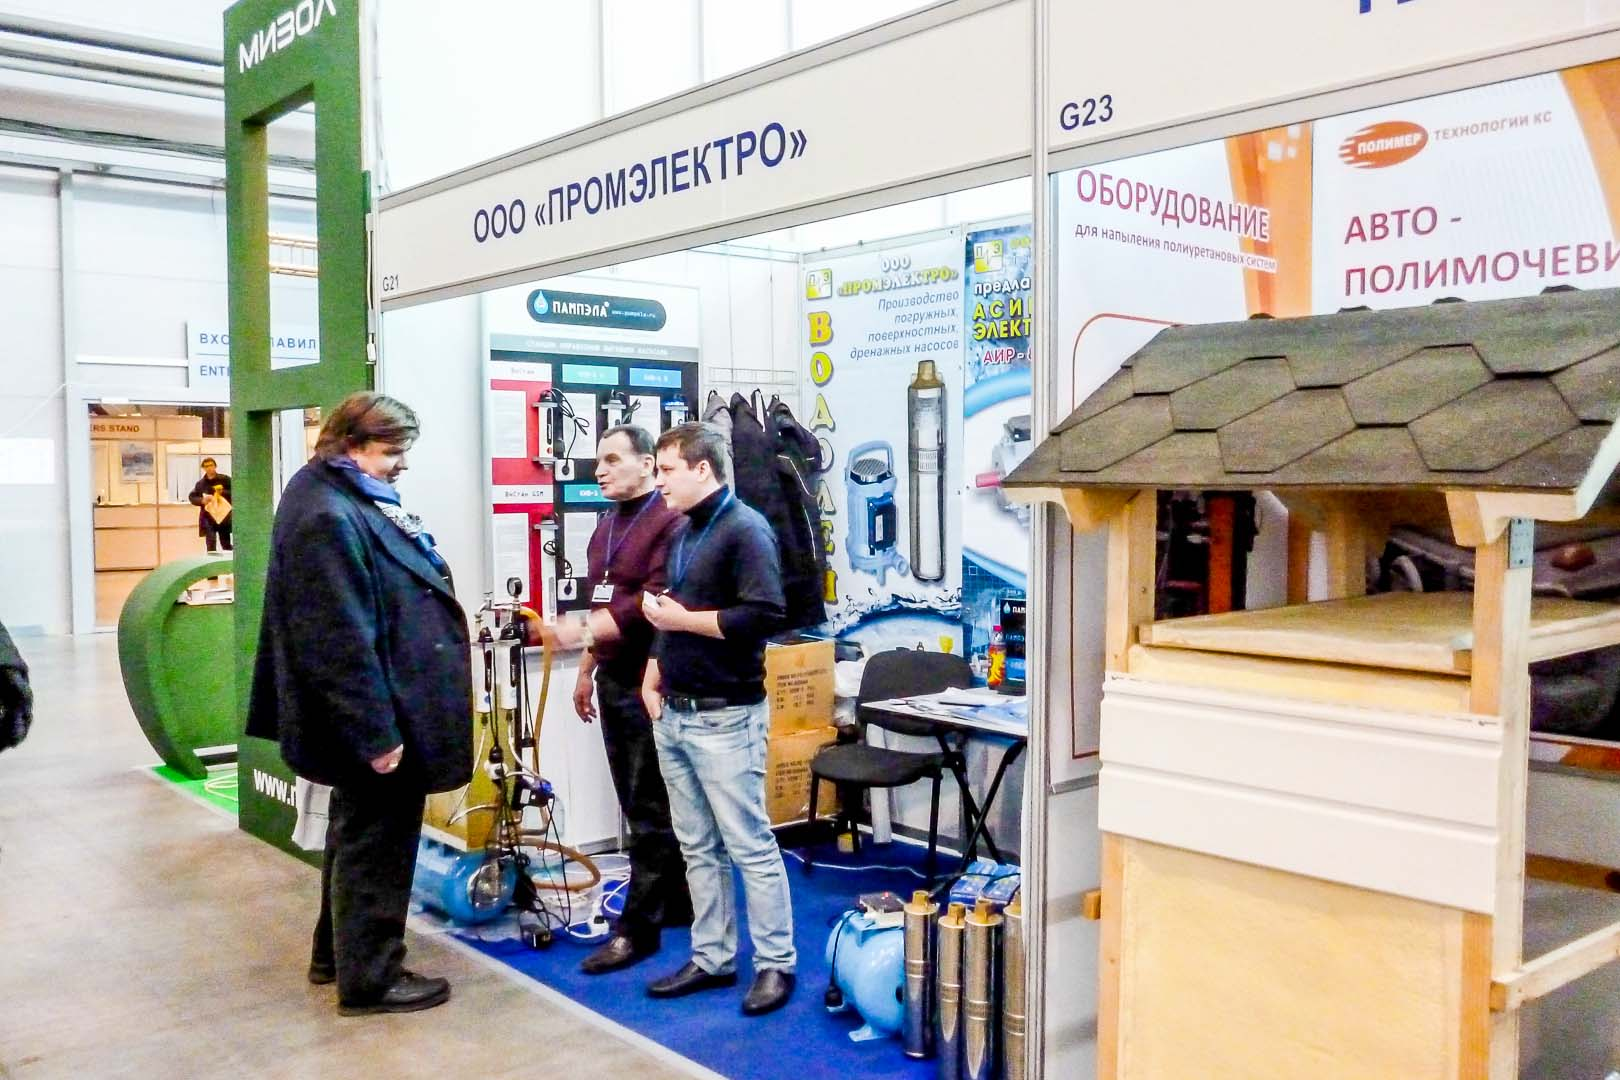 Выставка-продажа ООО Промэлектро-Харьков